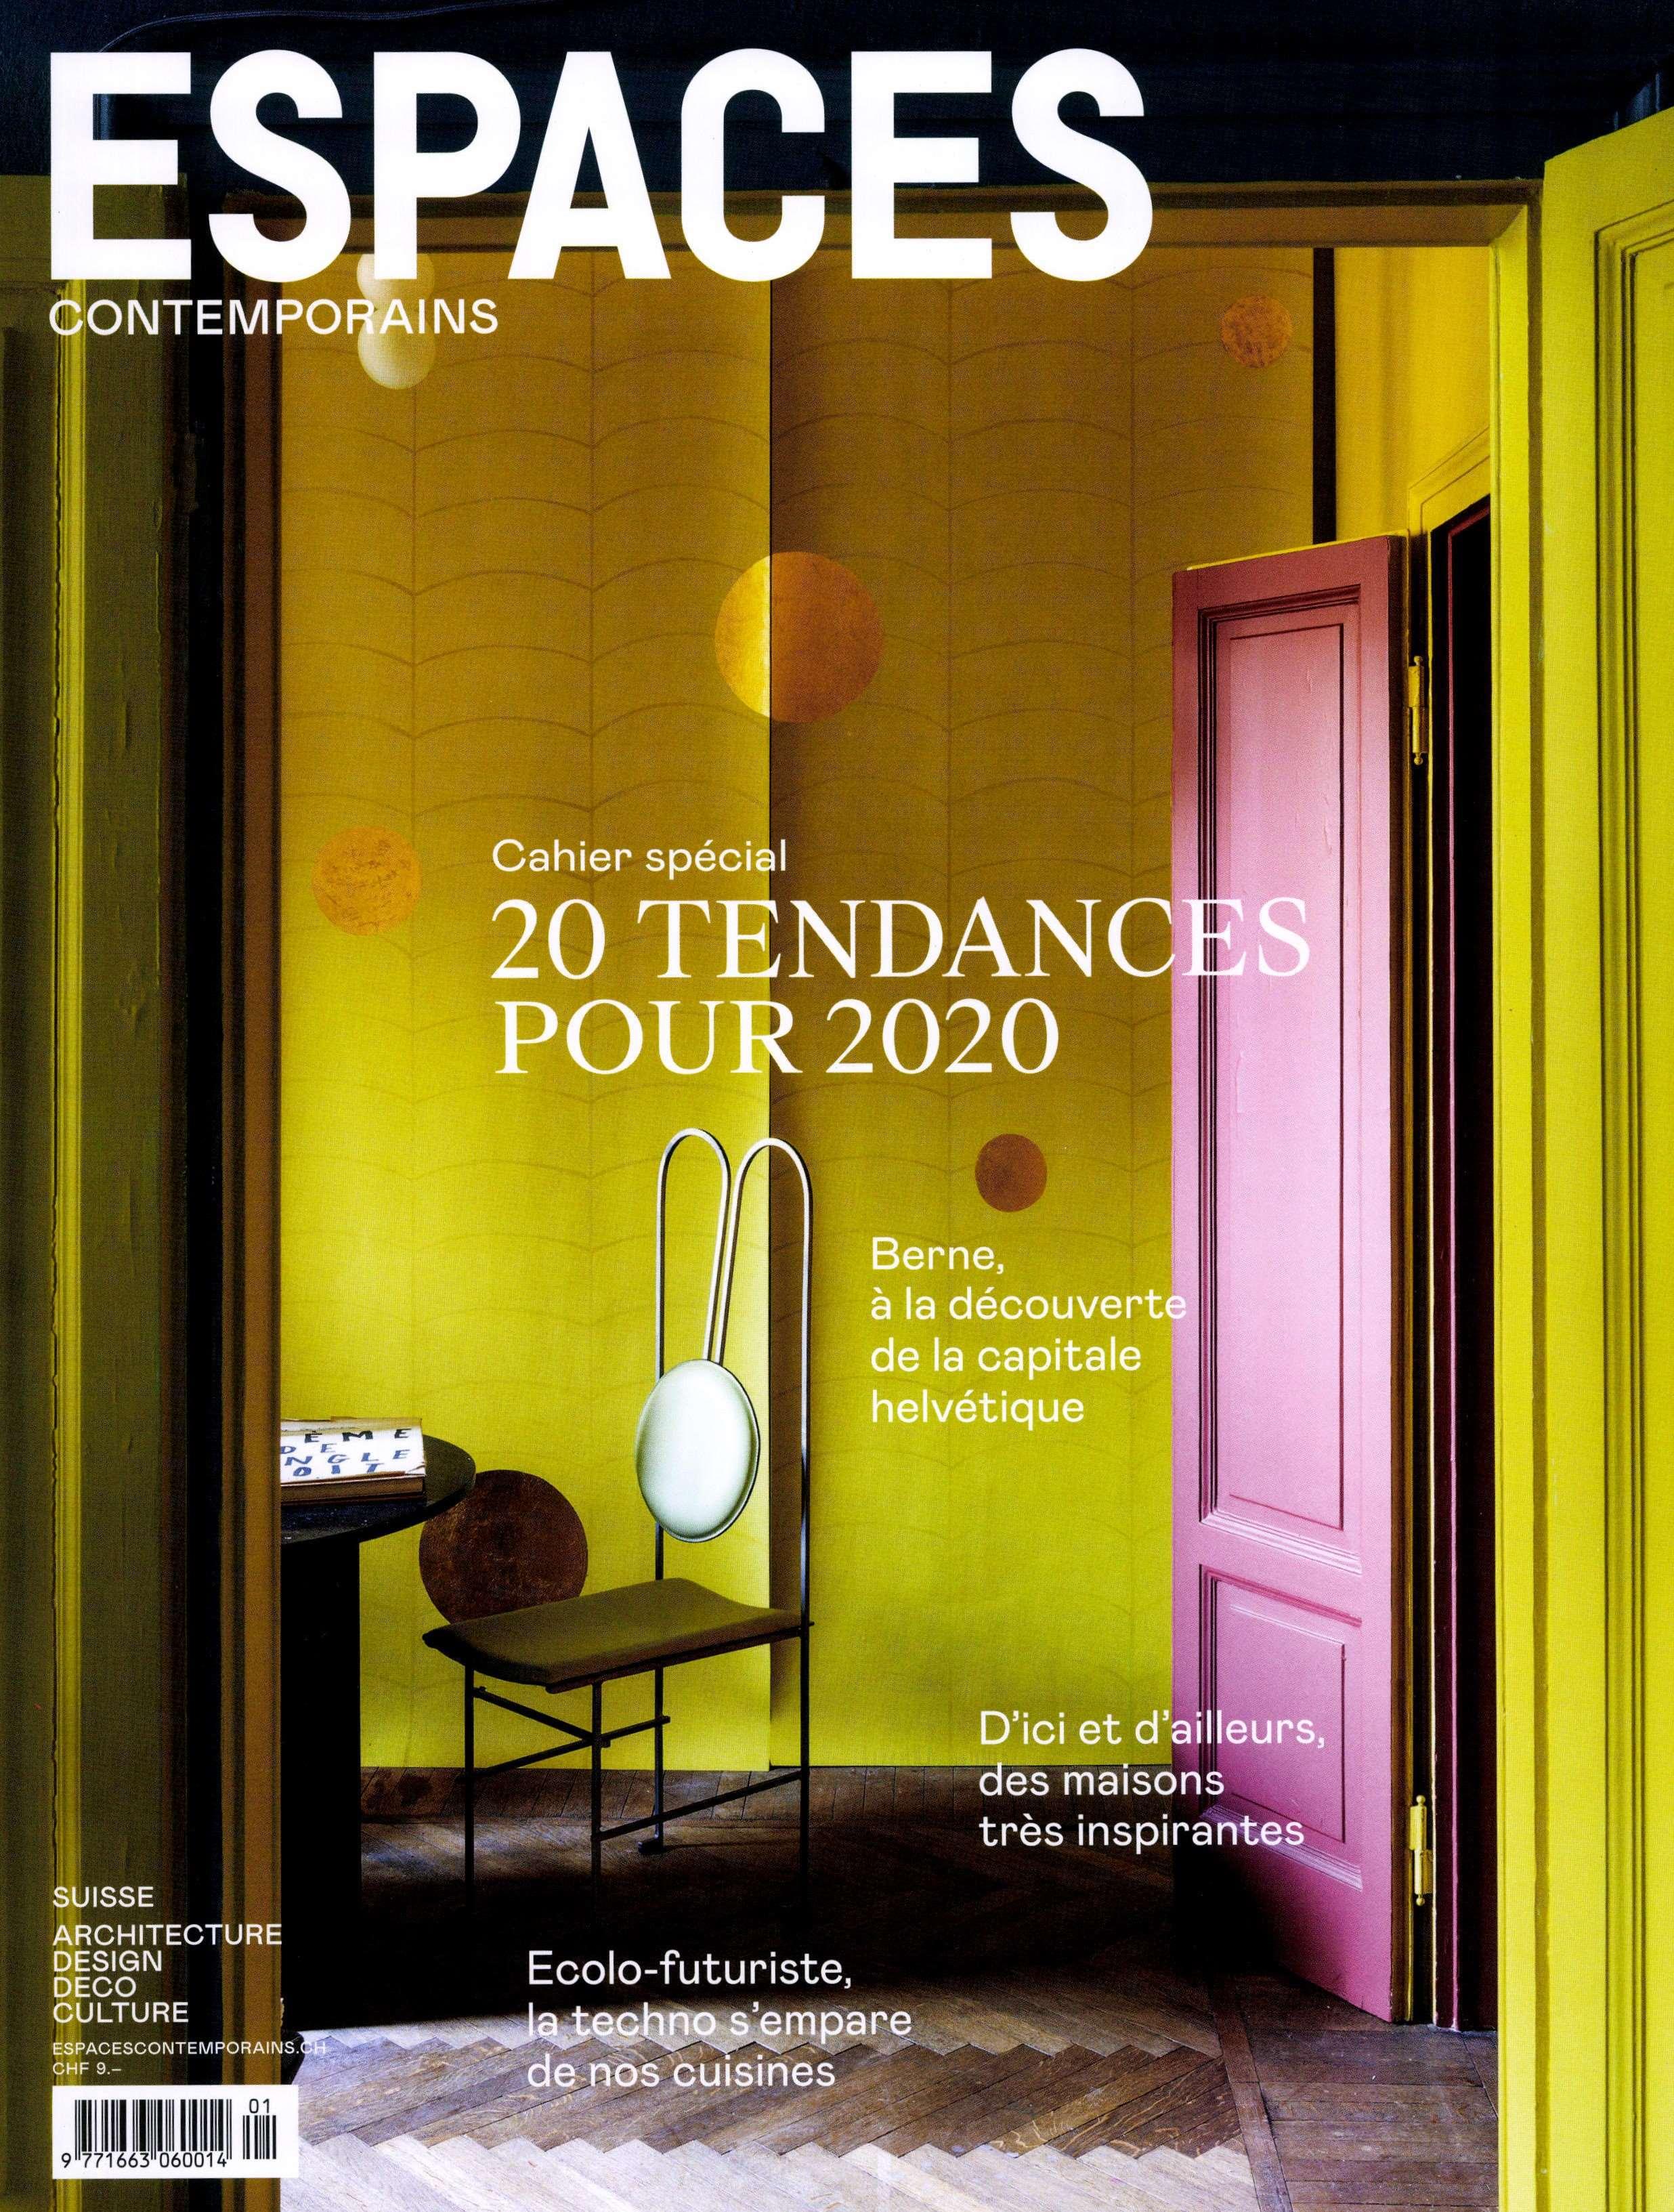 ESPACES CONTEMPORAINS Svizzera_Marzo Aprile 2020_BUDDY (1)